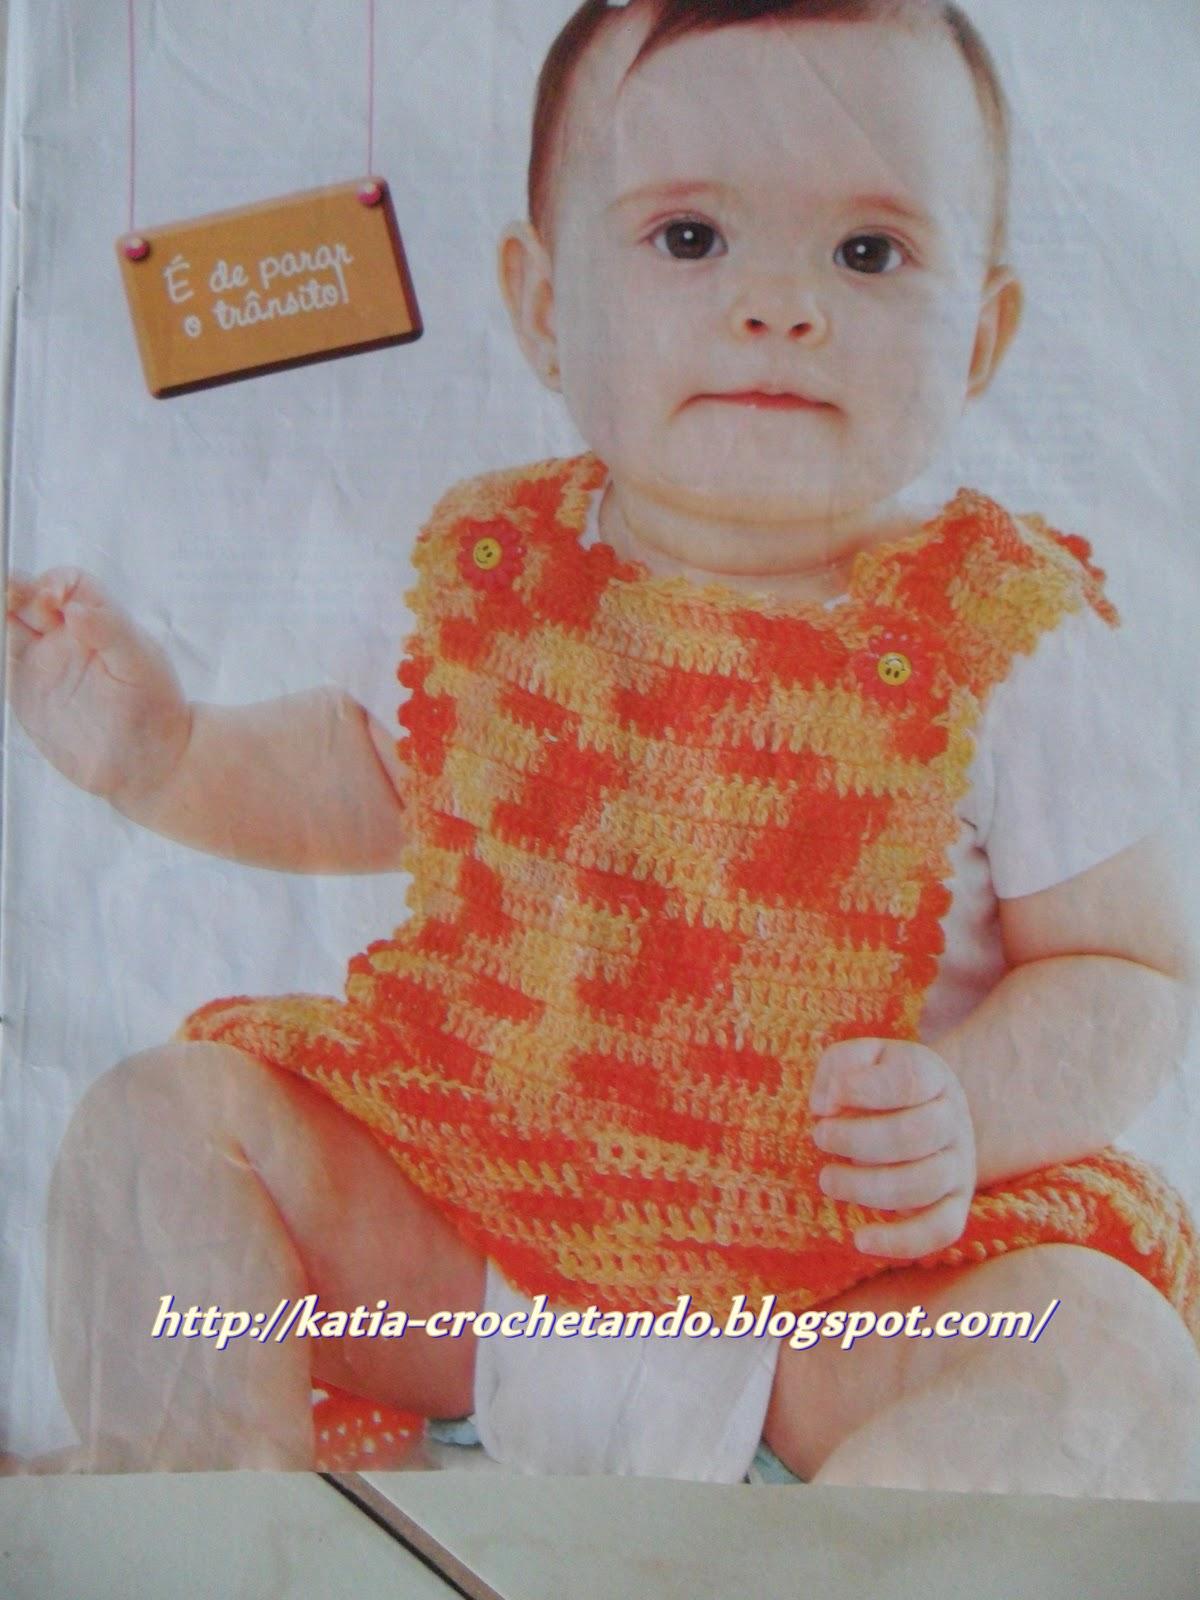 Crochetando c a katia jardineira c cavas americanas for Jardineira infantil c a